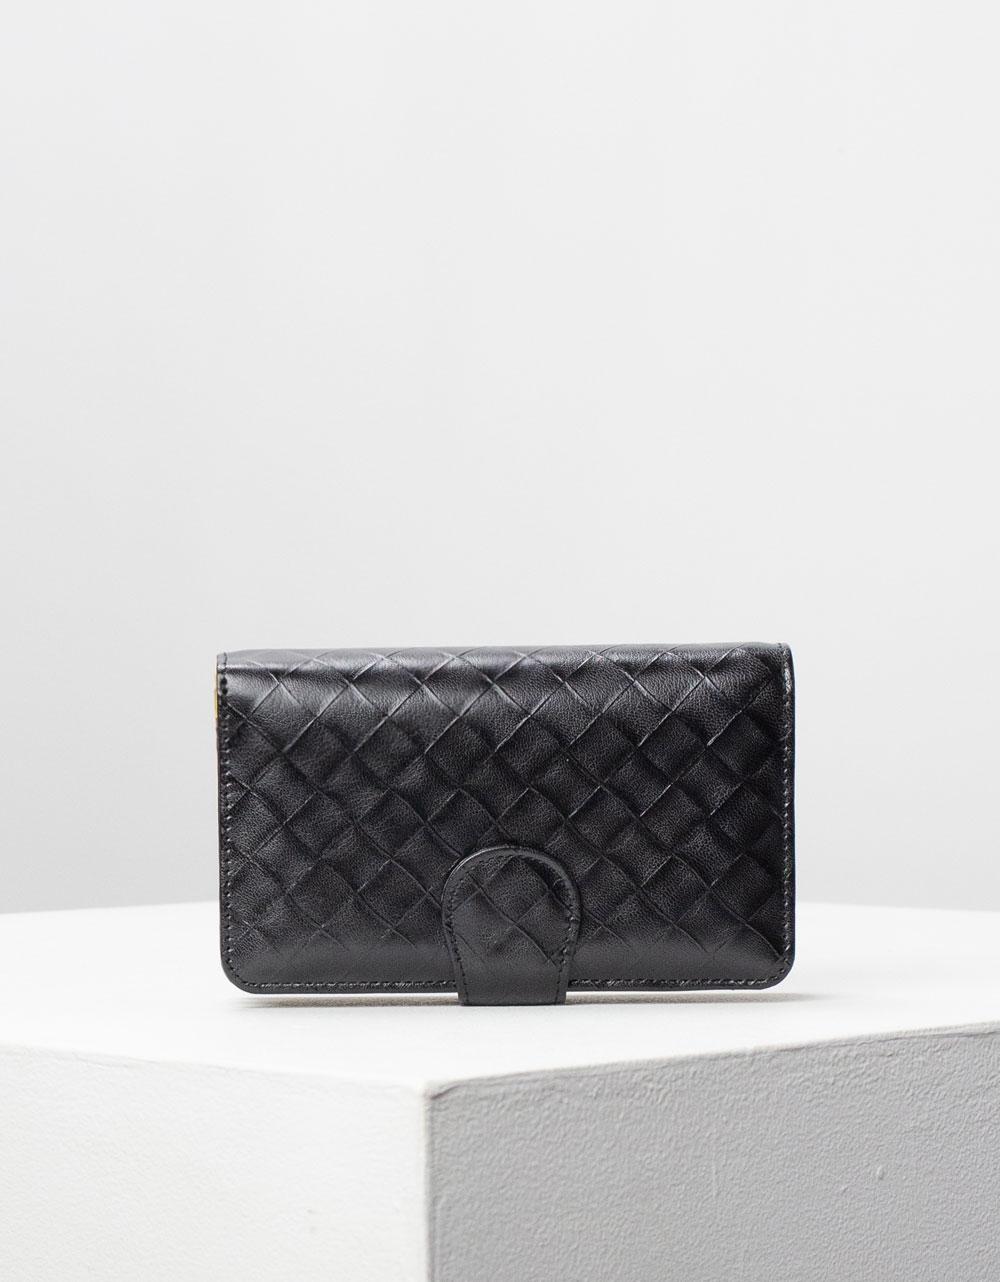 Εικόνα από Γυναικεία πορτοφόλια δερμάτινα με σχέδιο Μαύρο